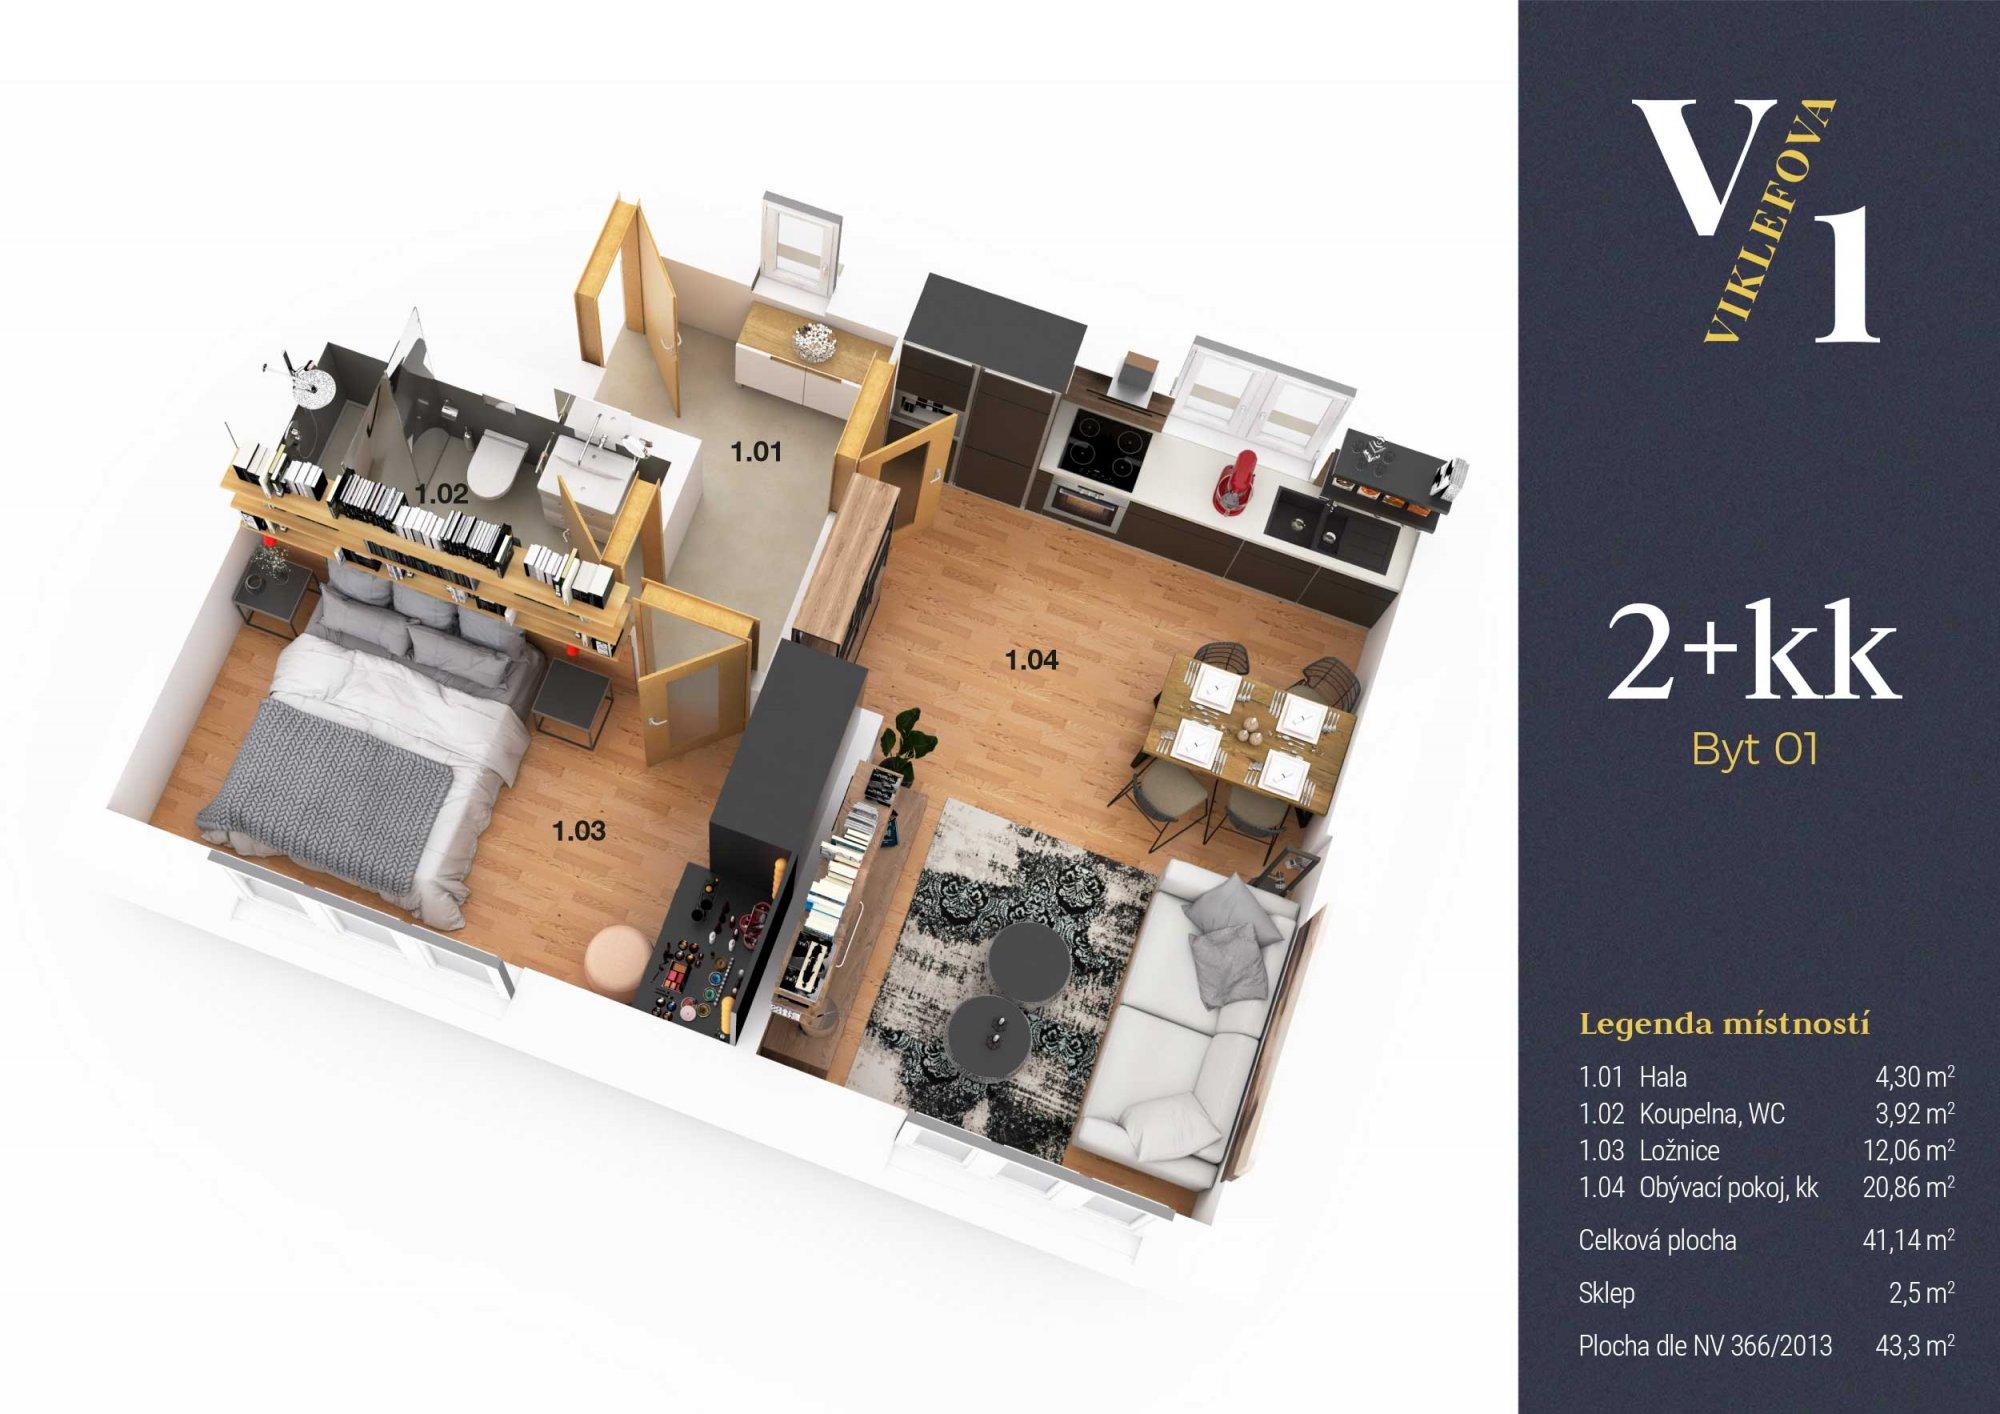 Půdorys - Půdní byt 2+kk, plocha 43 m², ulice Viklefova, Praha 8 - Žižkov